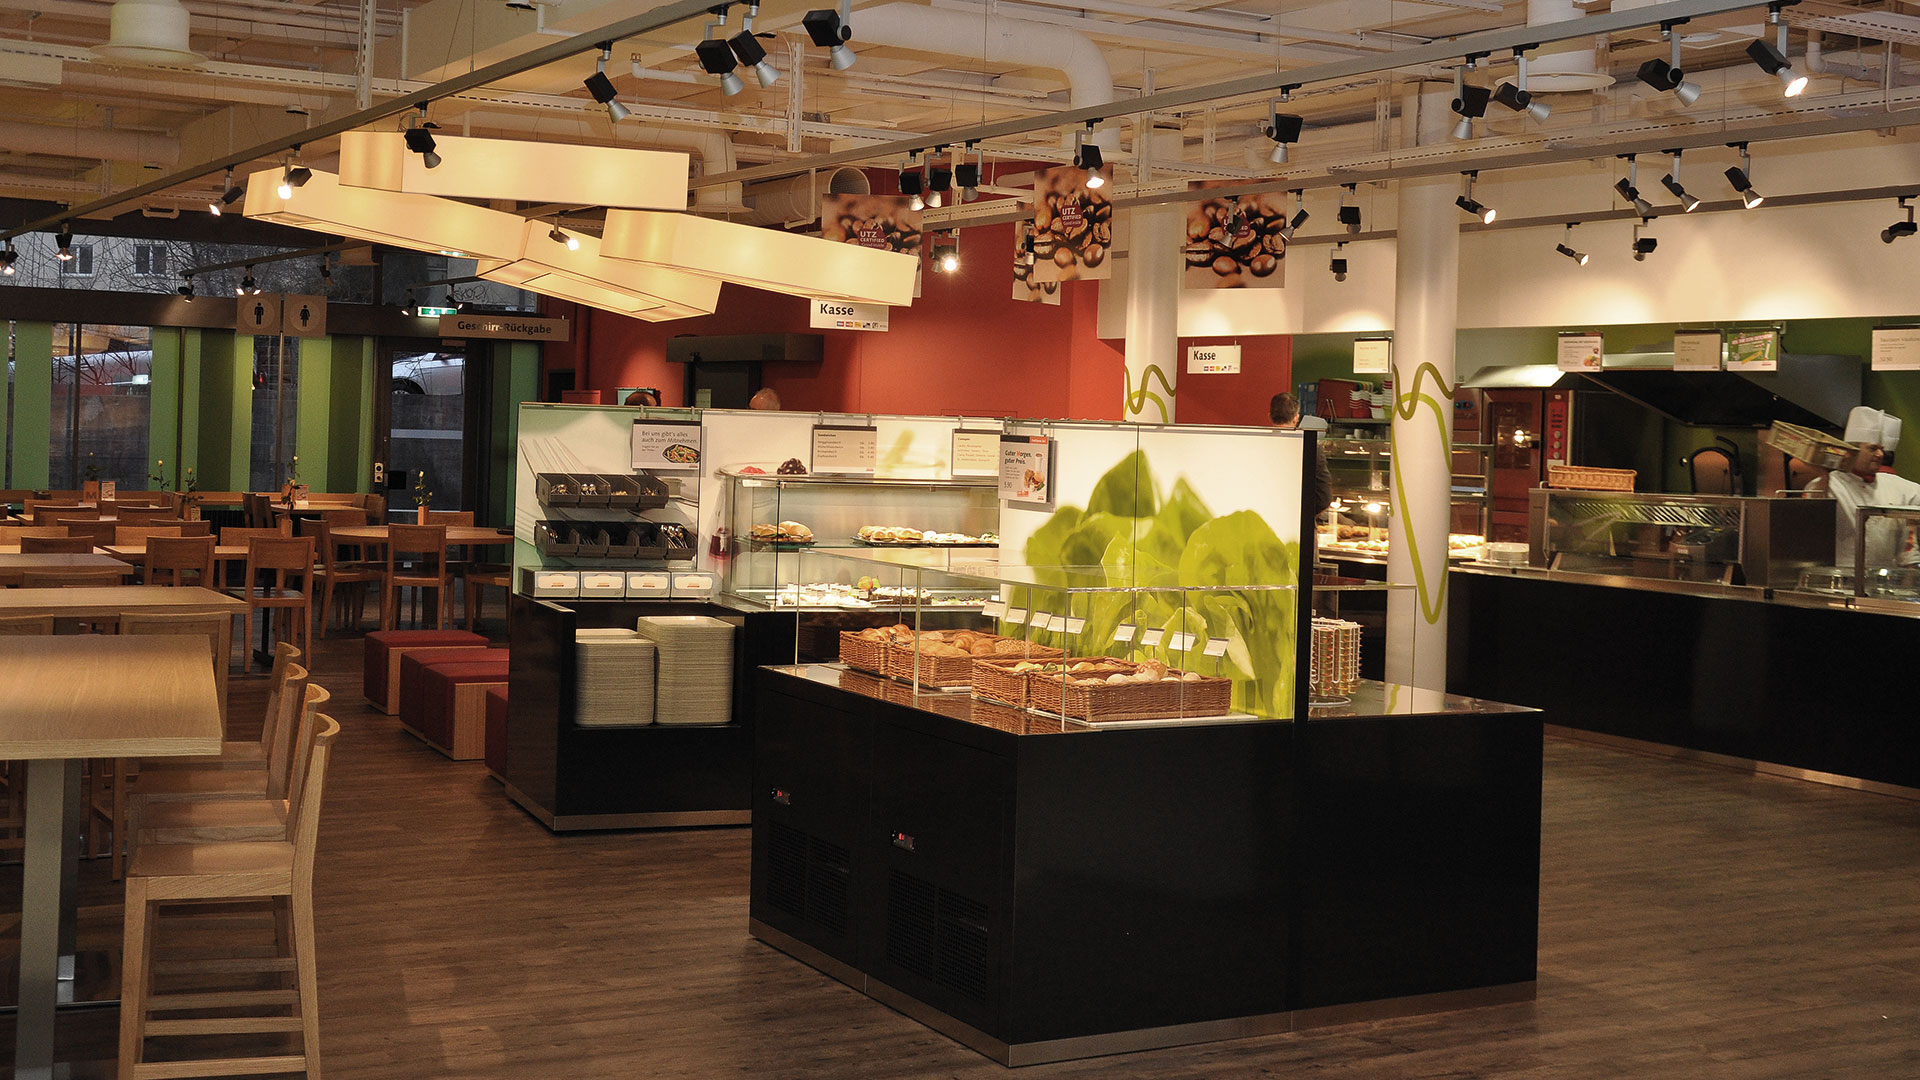 artomis gmbh  möbel - gastro - einrichtungen  Migros Restaurant